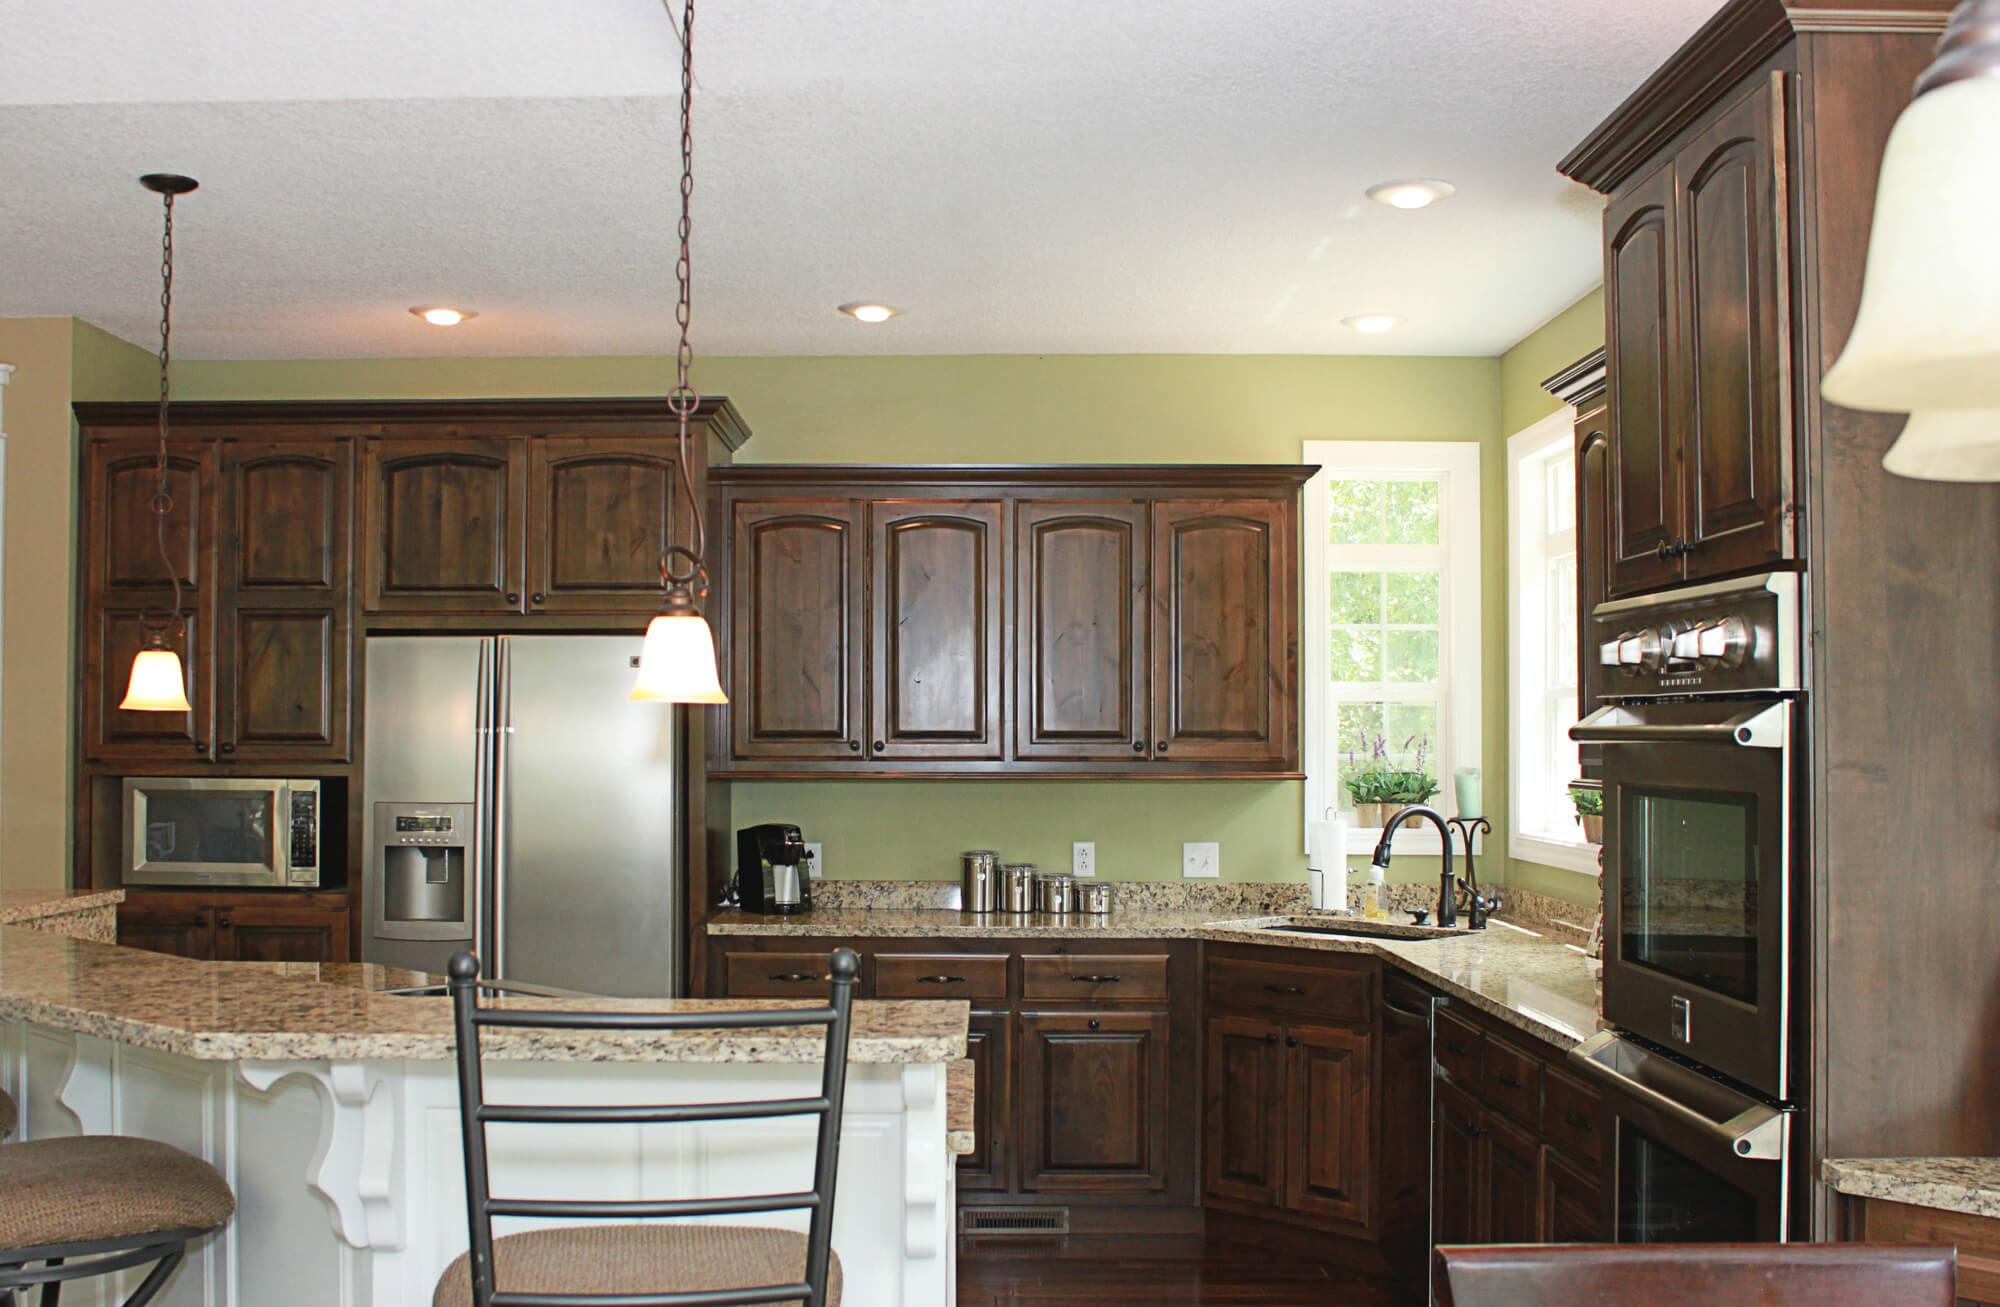 custom-kitchen-cabinet-knotty-alder-7